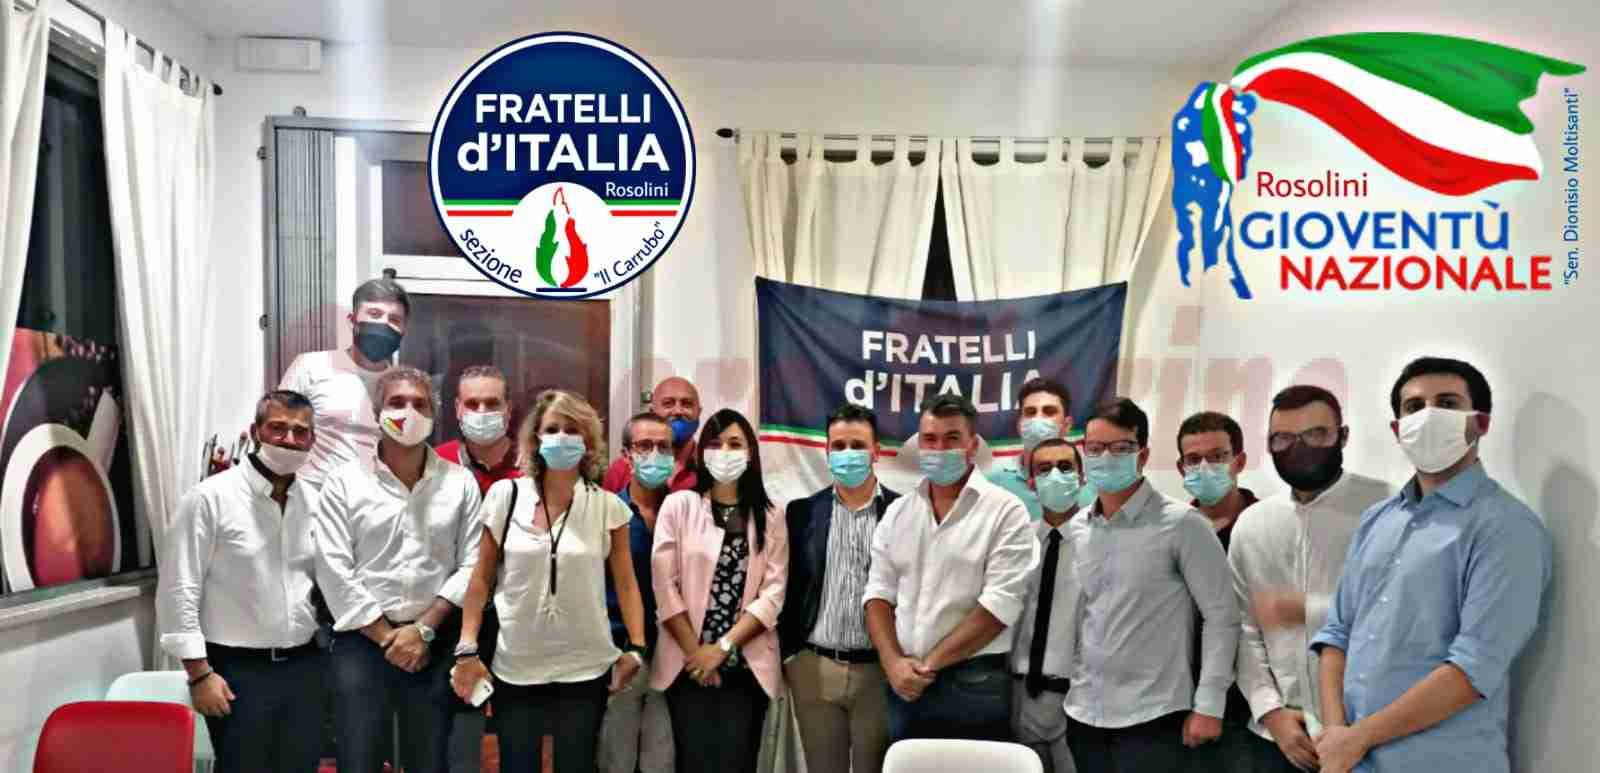 """Giornata della Terra, Fratelli d'Italia e Gioventù Nazionale: """"Noi sosteniamo questa sfida ecologista"""""""